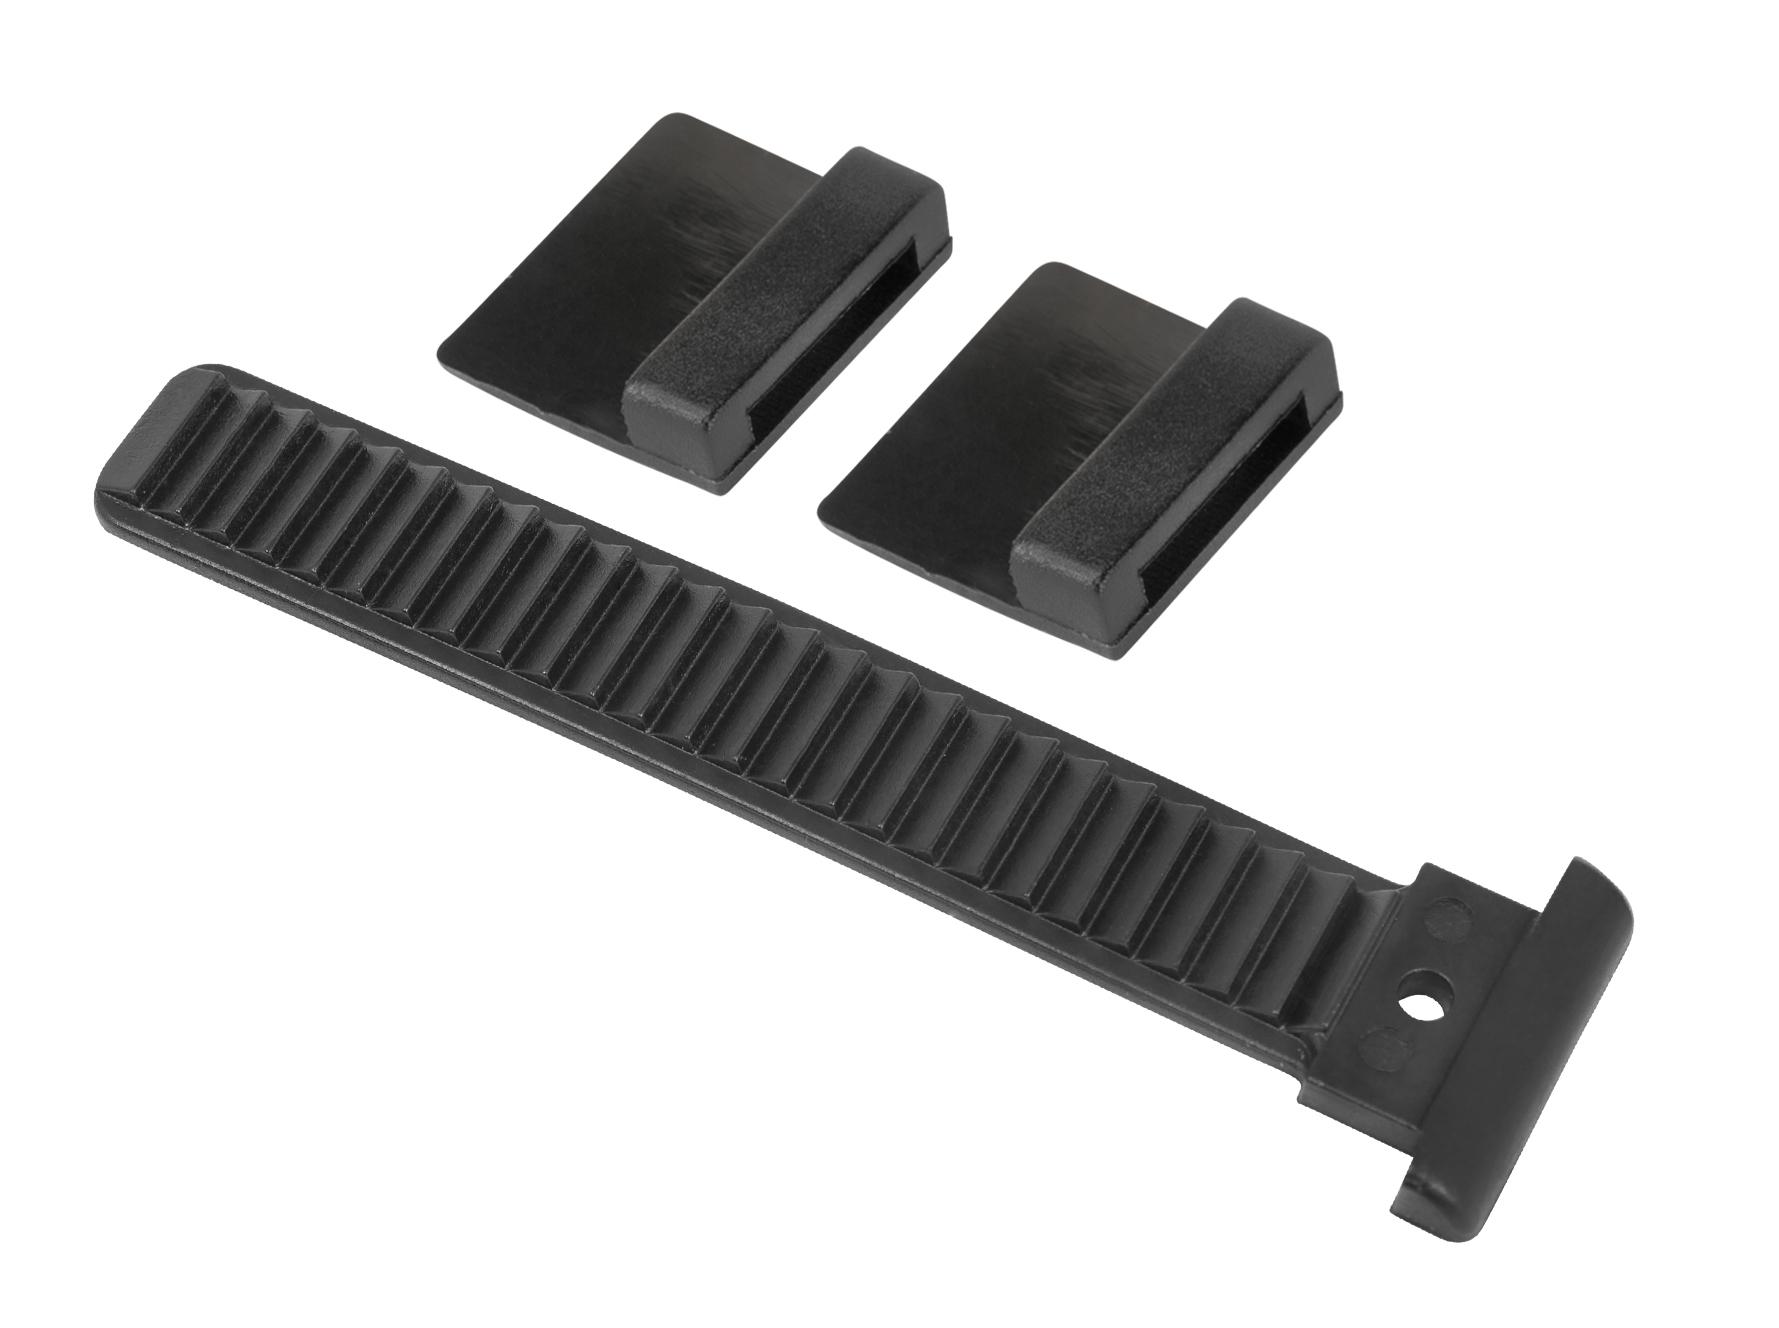 páska upínací-náhradní do přesky na tretry, černá